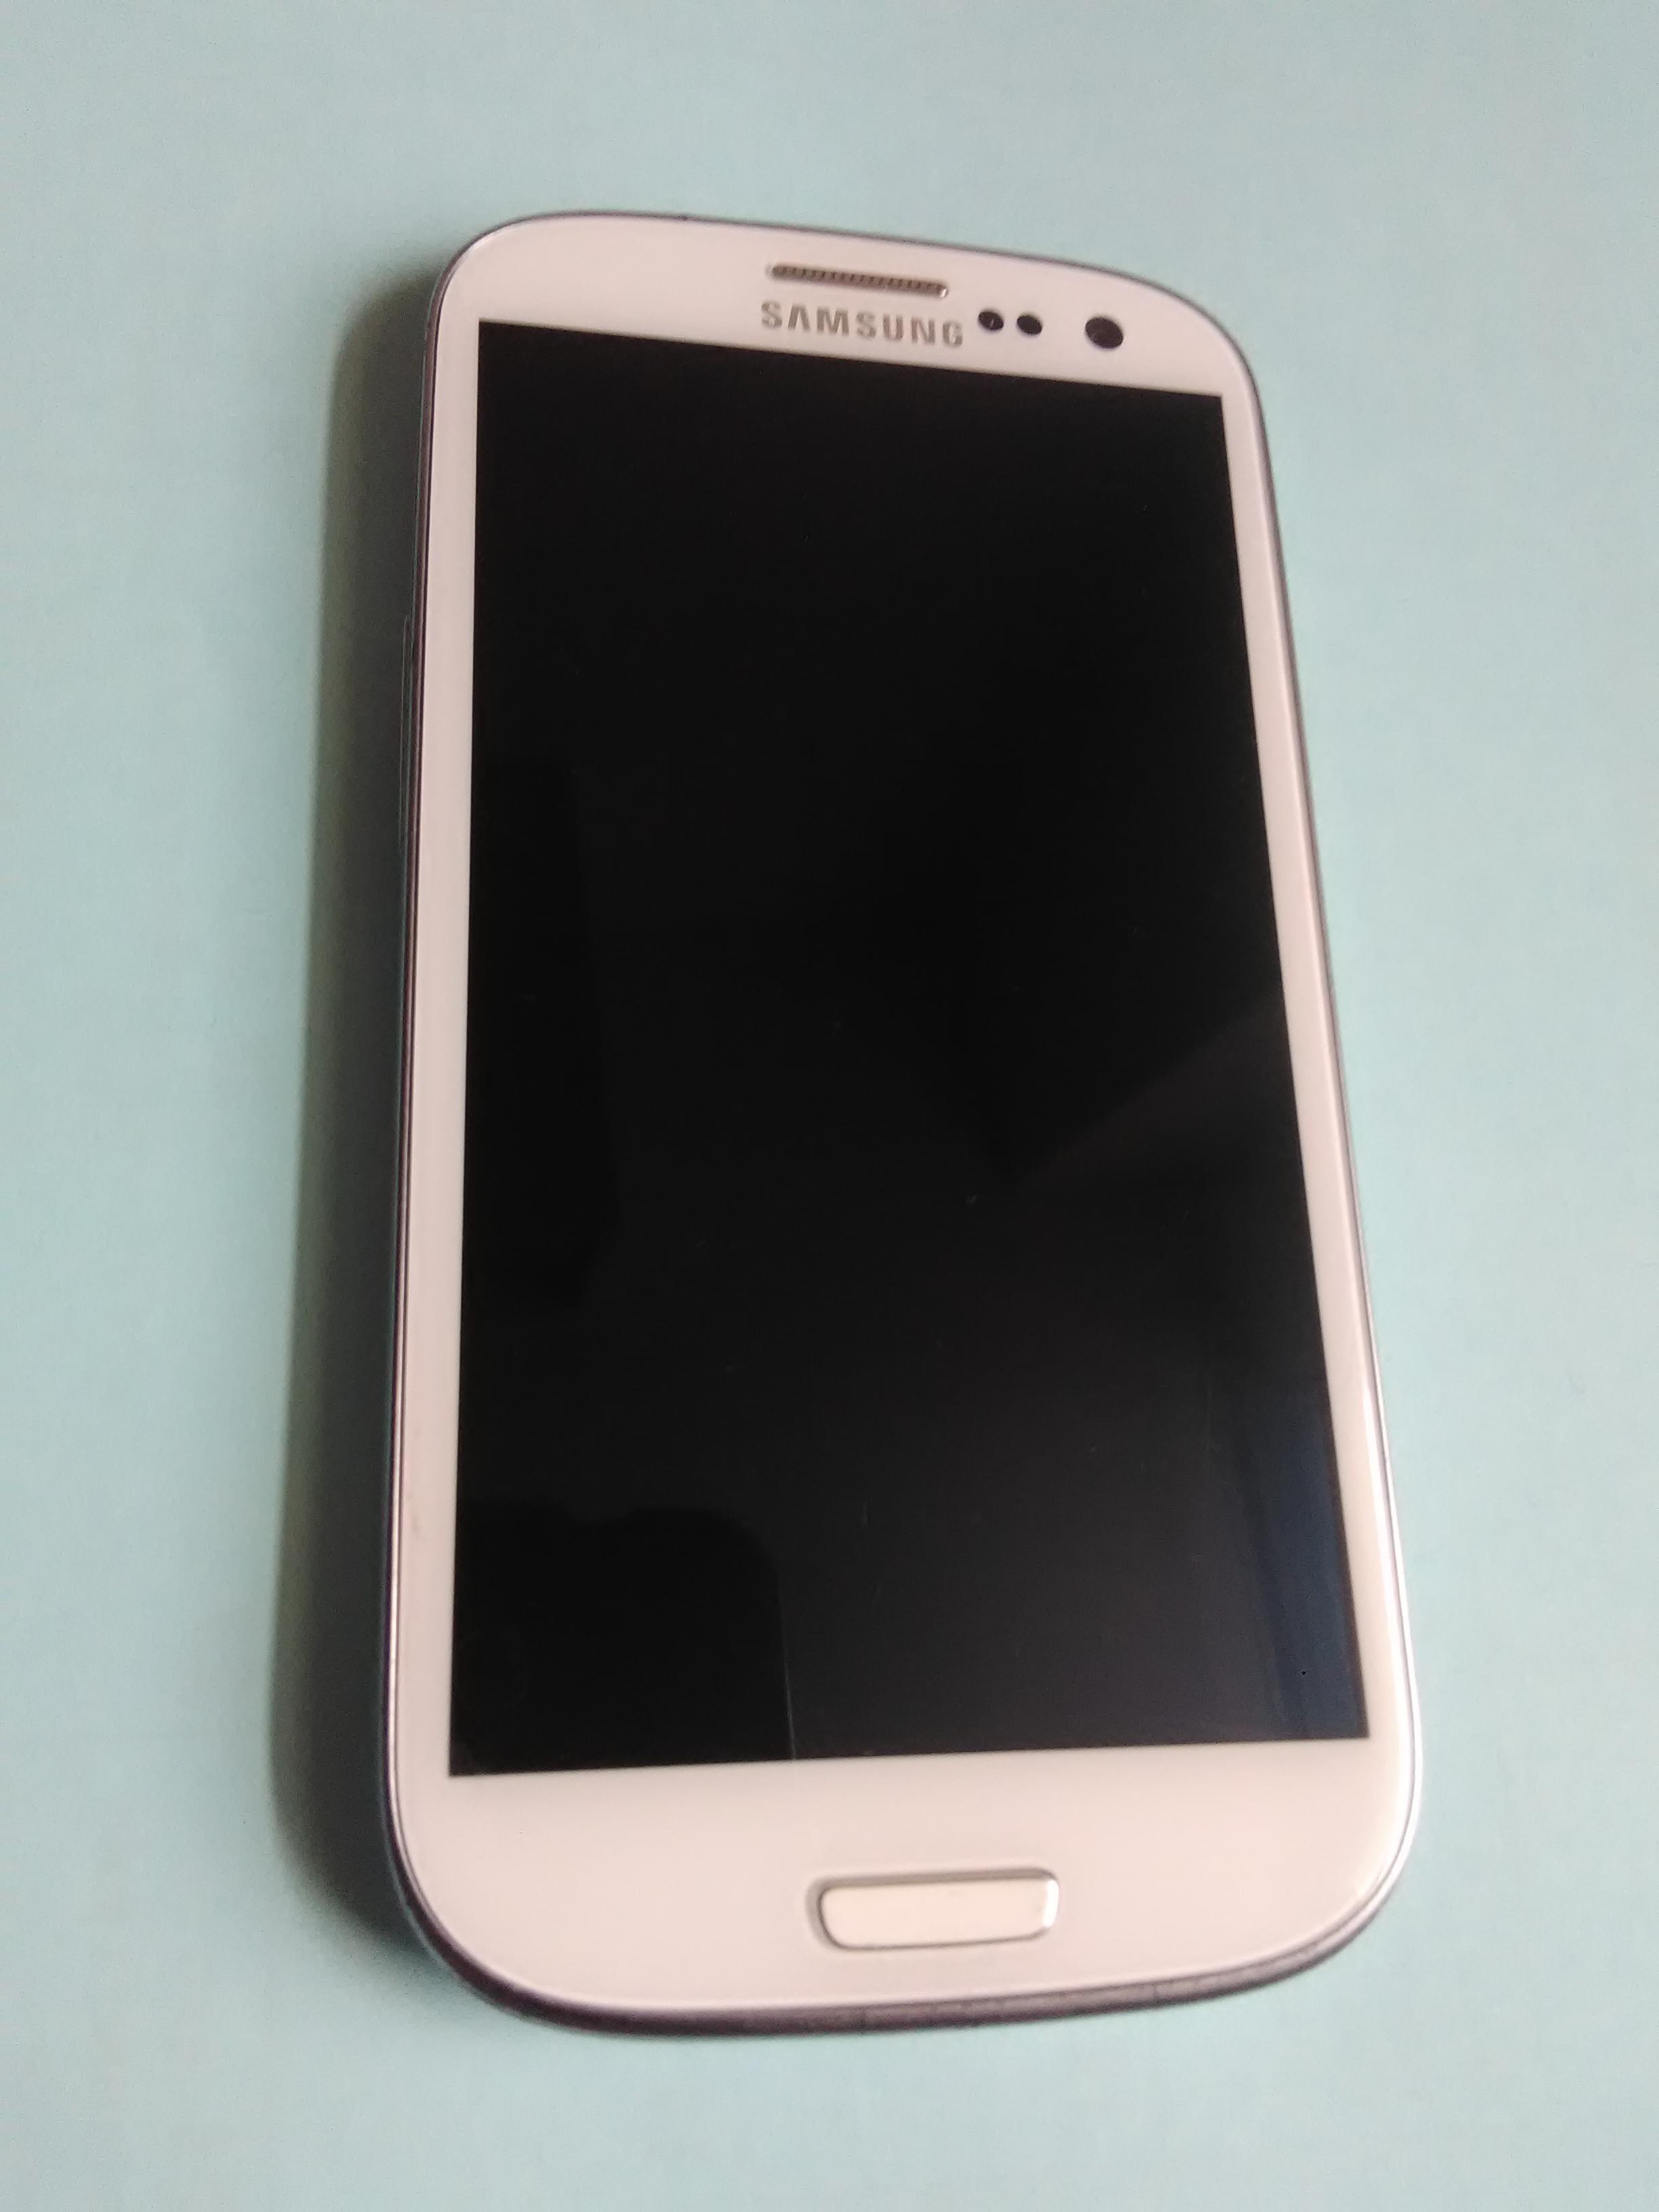 Galaxy s3 Verizon